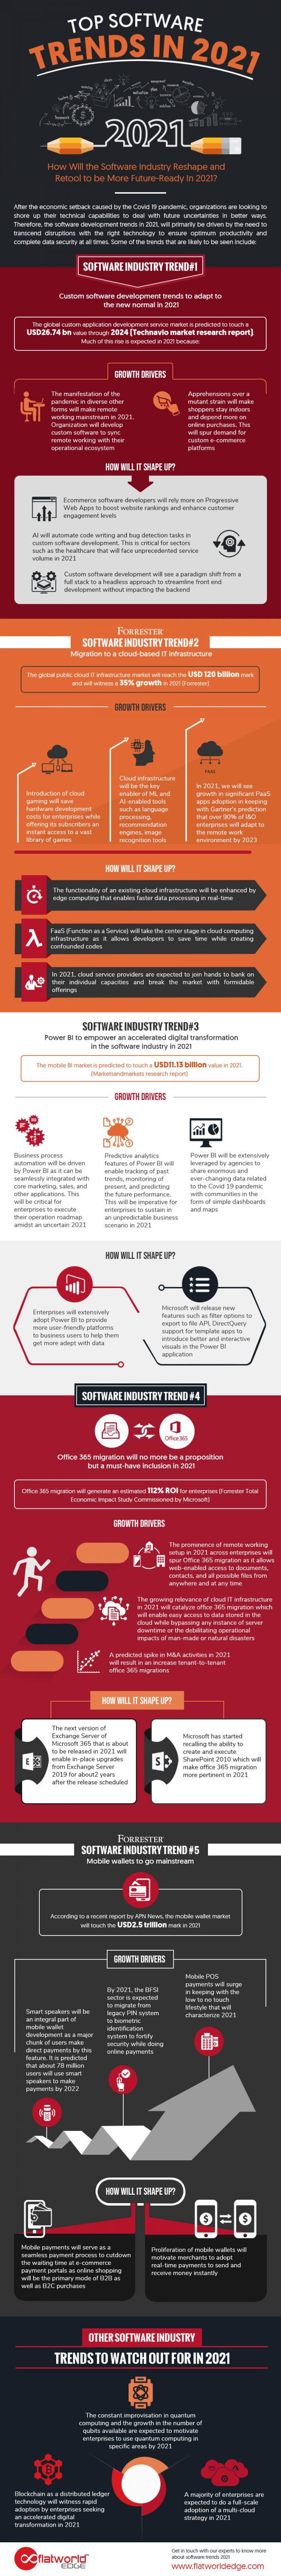 Top Software Trends in 2021